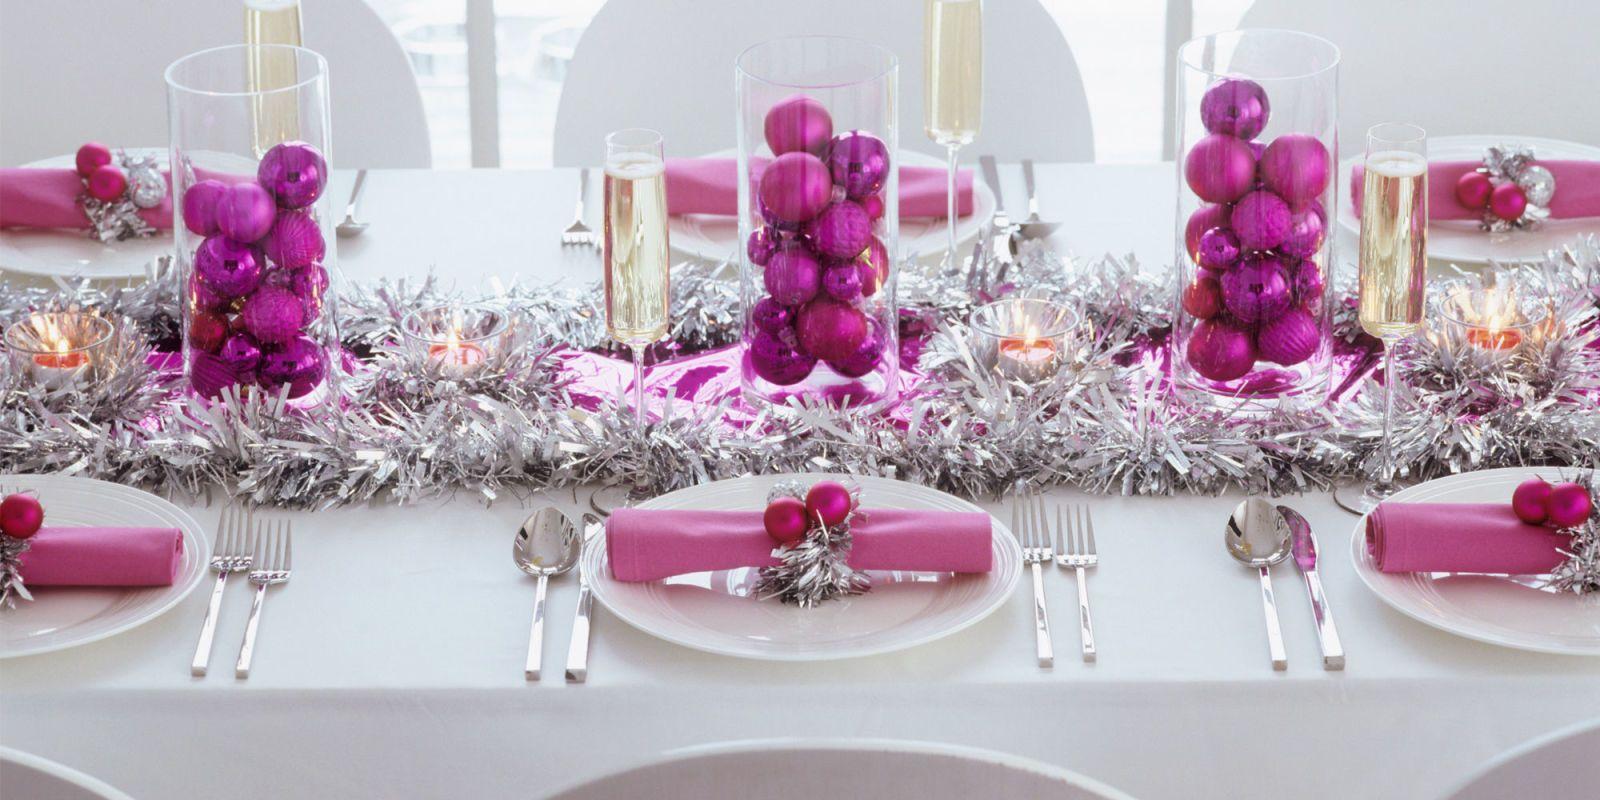 Molto Sai già come apparecchiare la tavola di Natale? 28 idee per  CV86